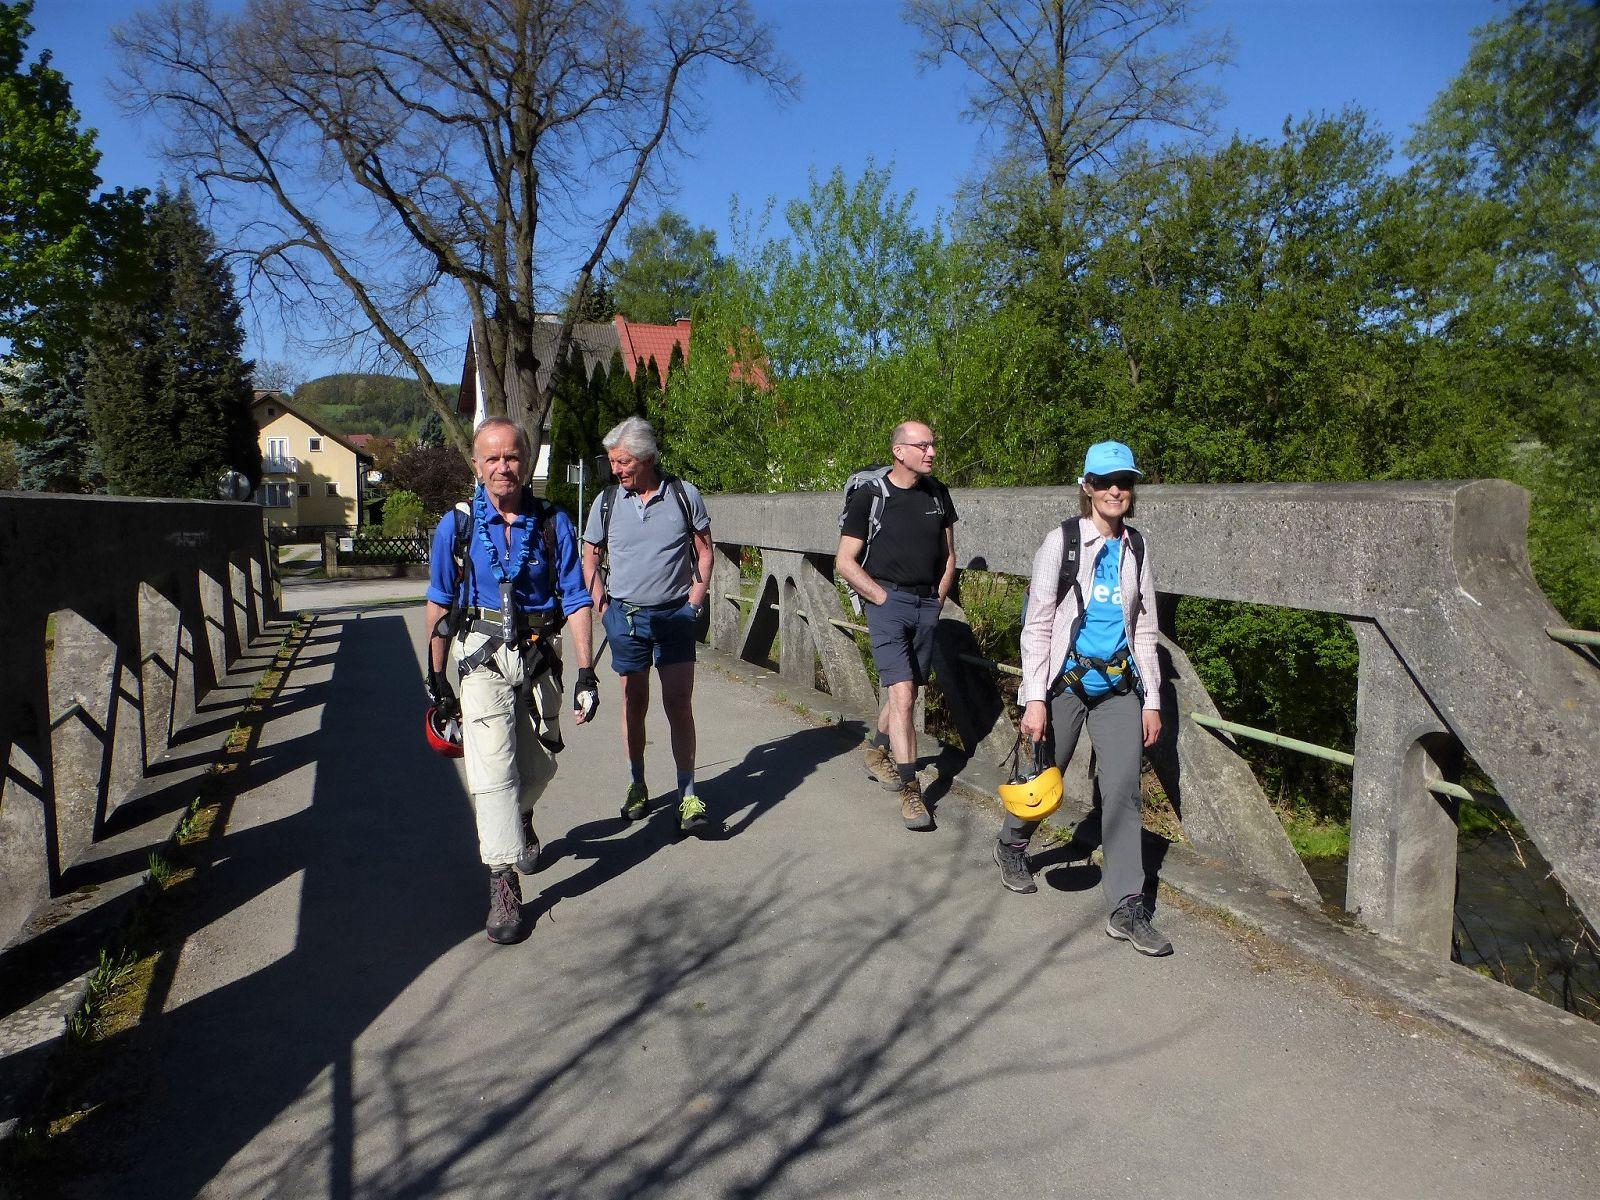 Pittentaler Klettersteig : Oetk klosterneuburg 2018 04 21 pittentaler und währinger klettersteig